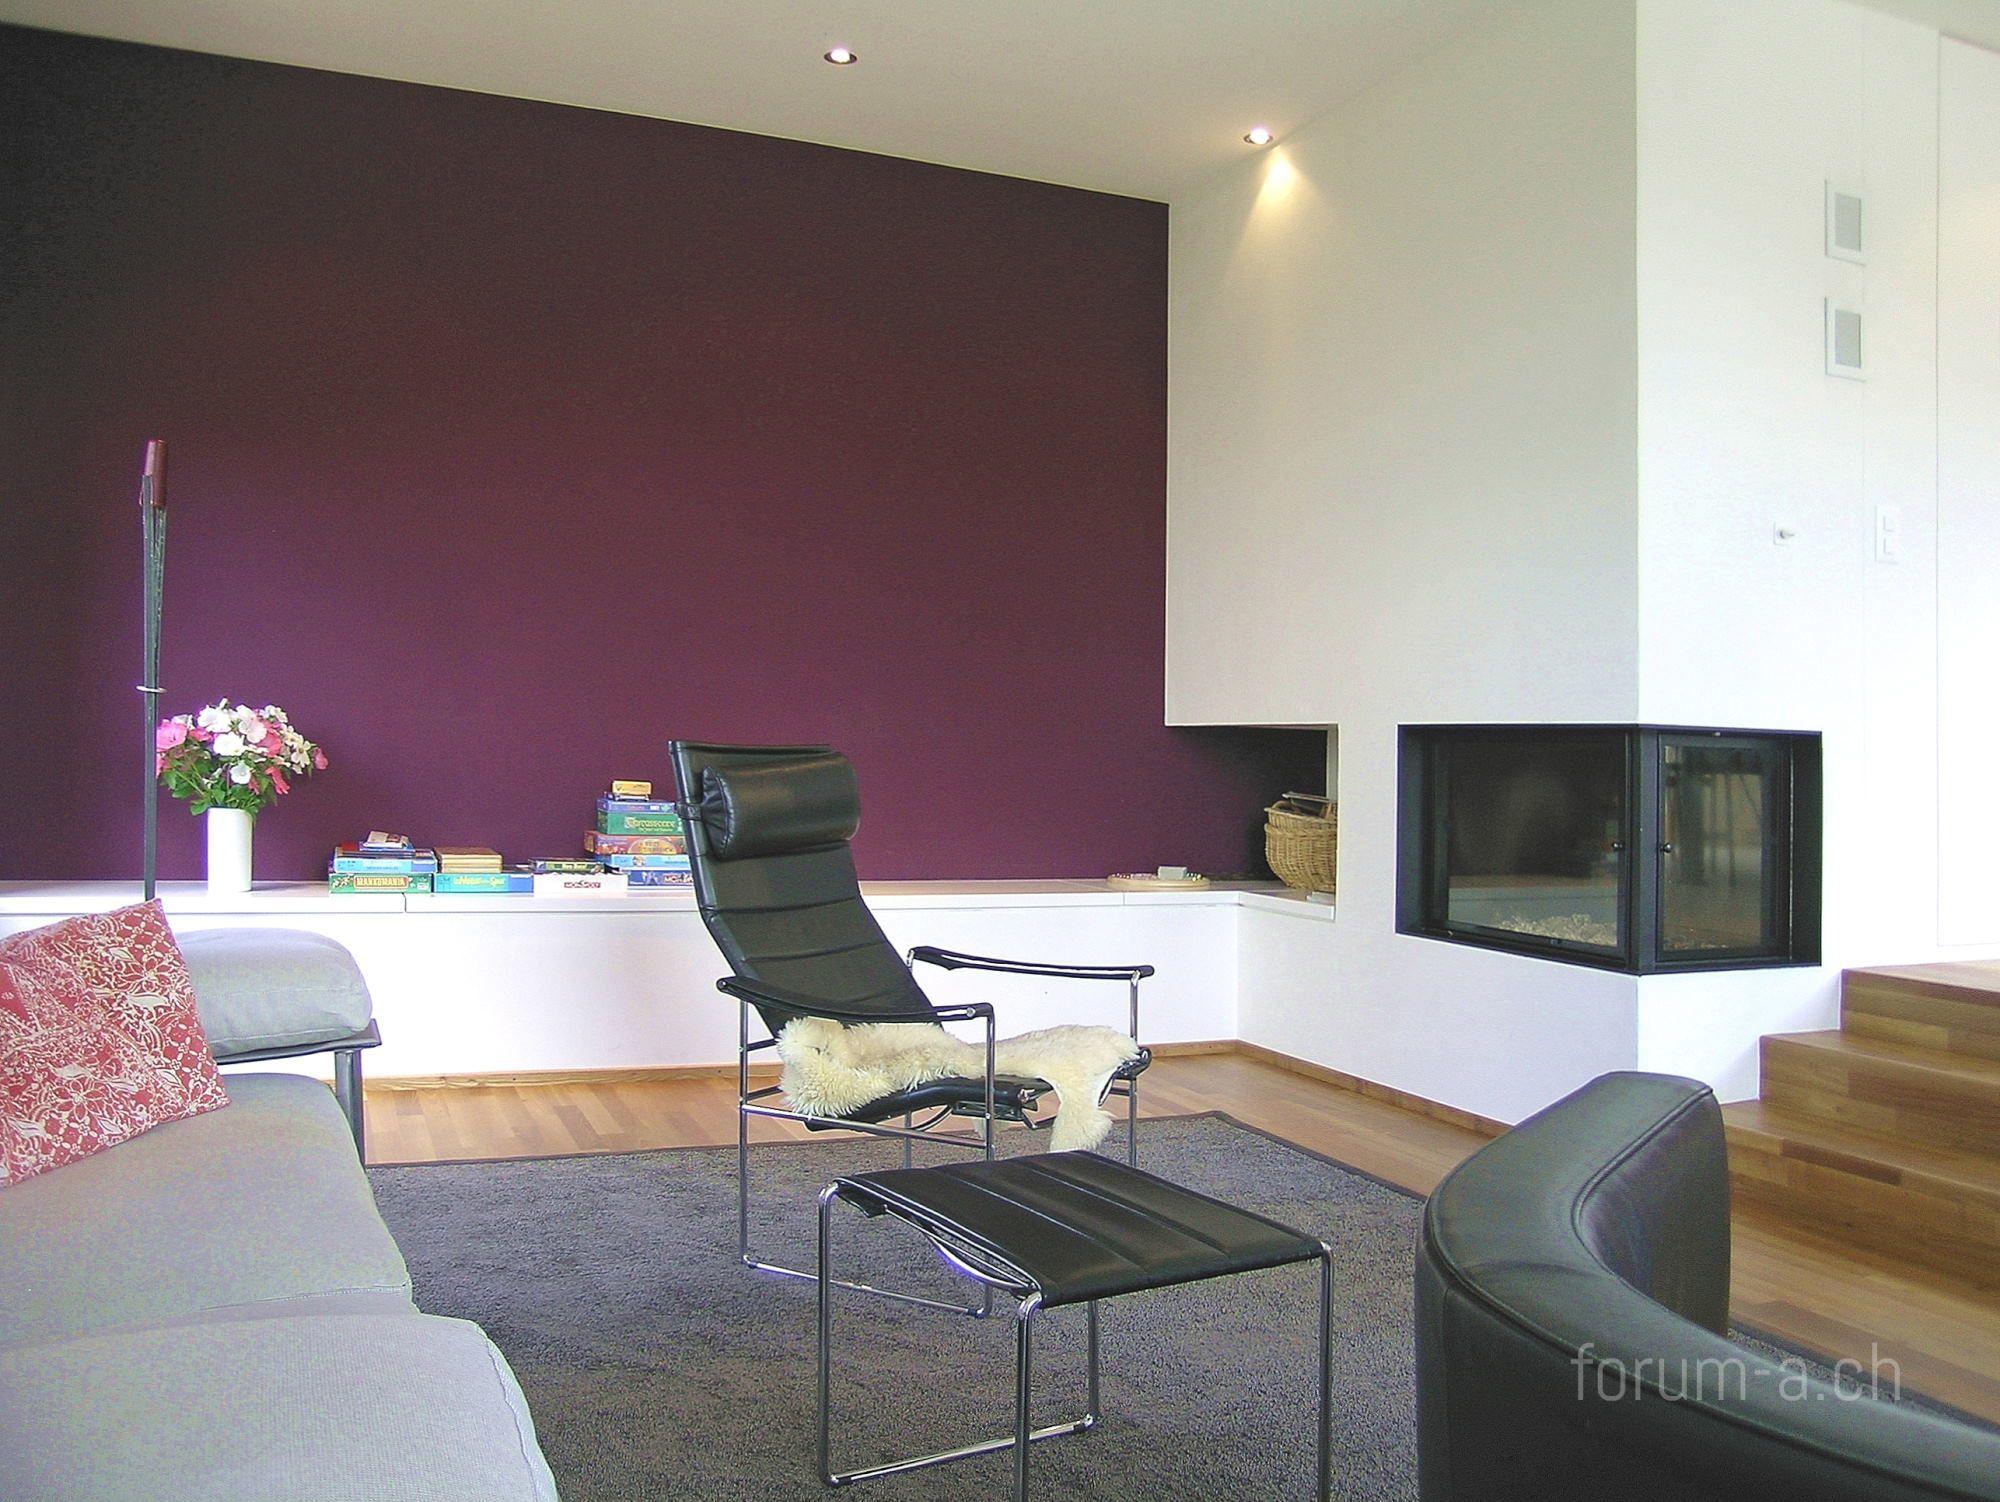 wohnzimmer wand farbig : Einfamilienhaus Wohnzimmer Wohndesign